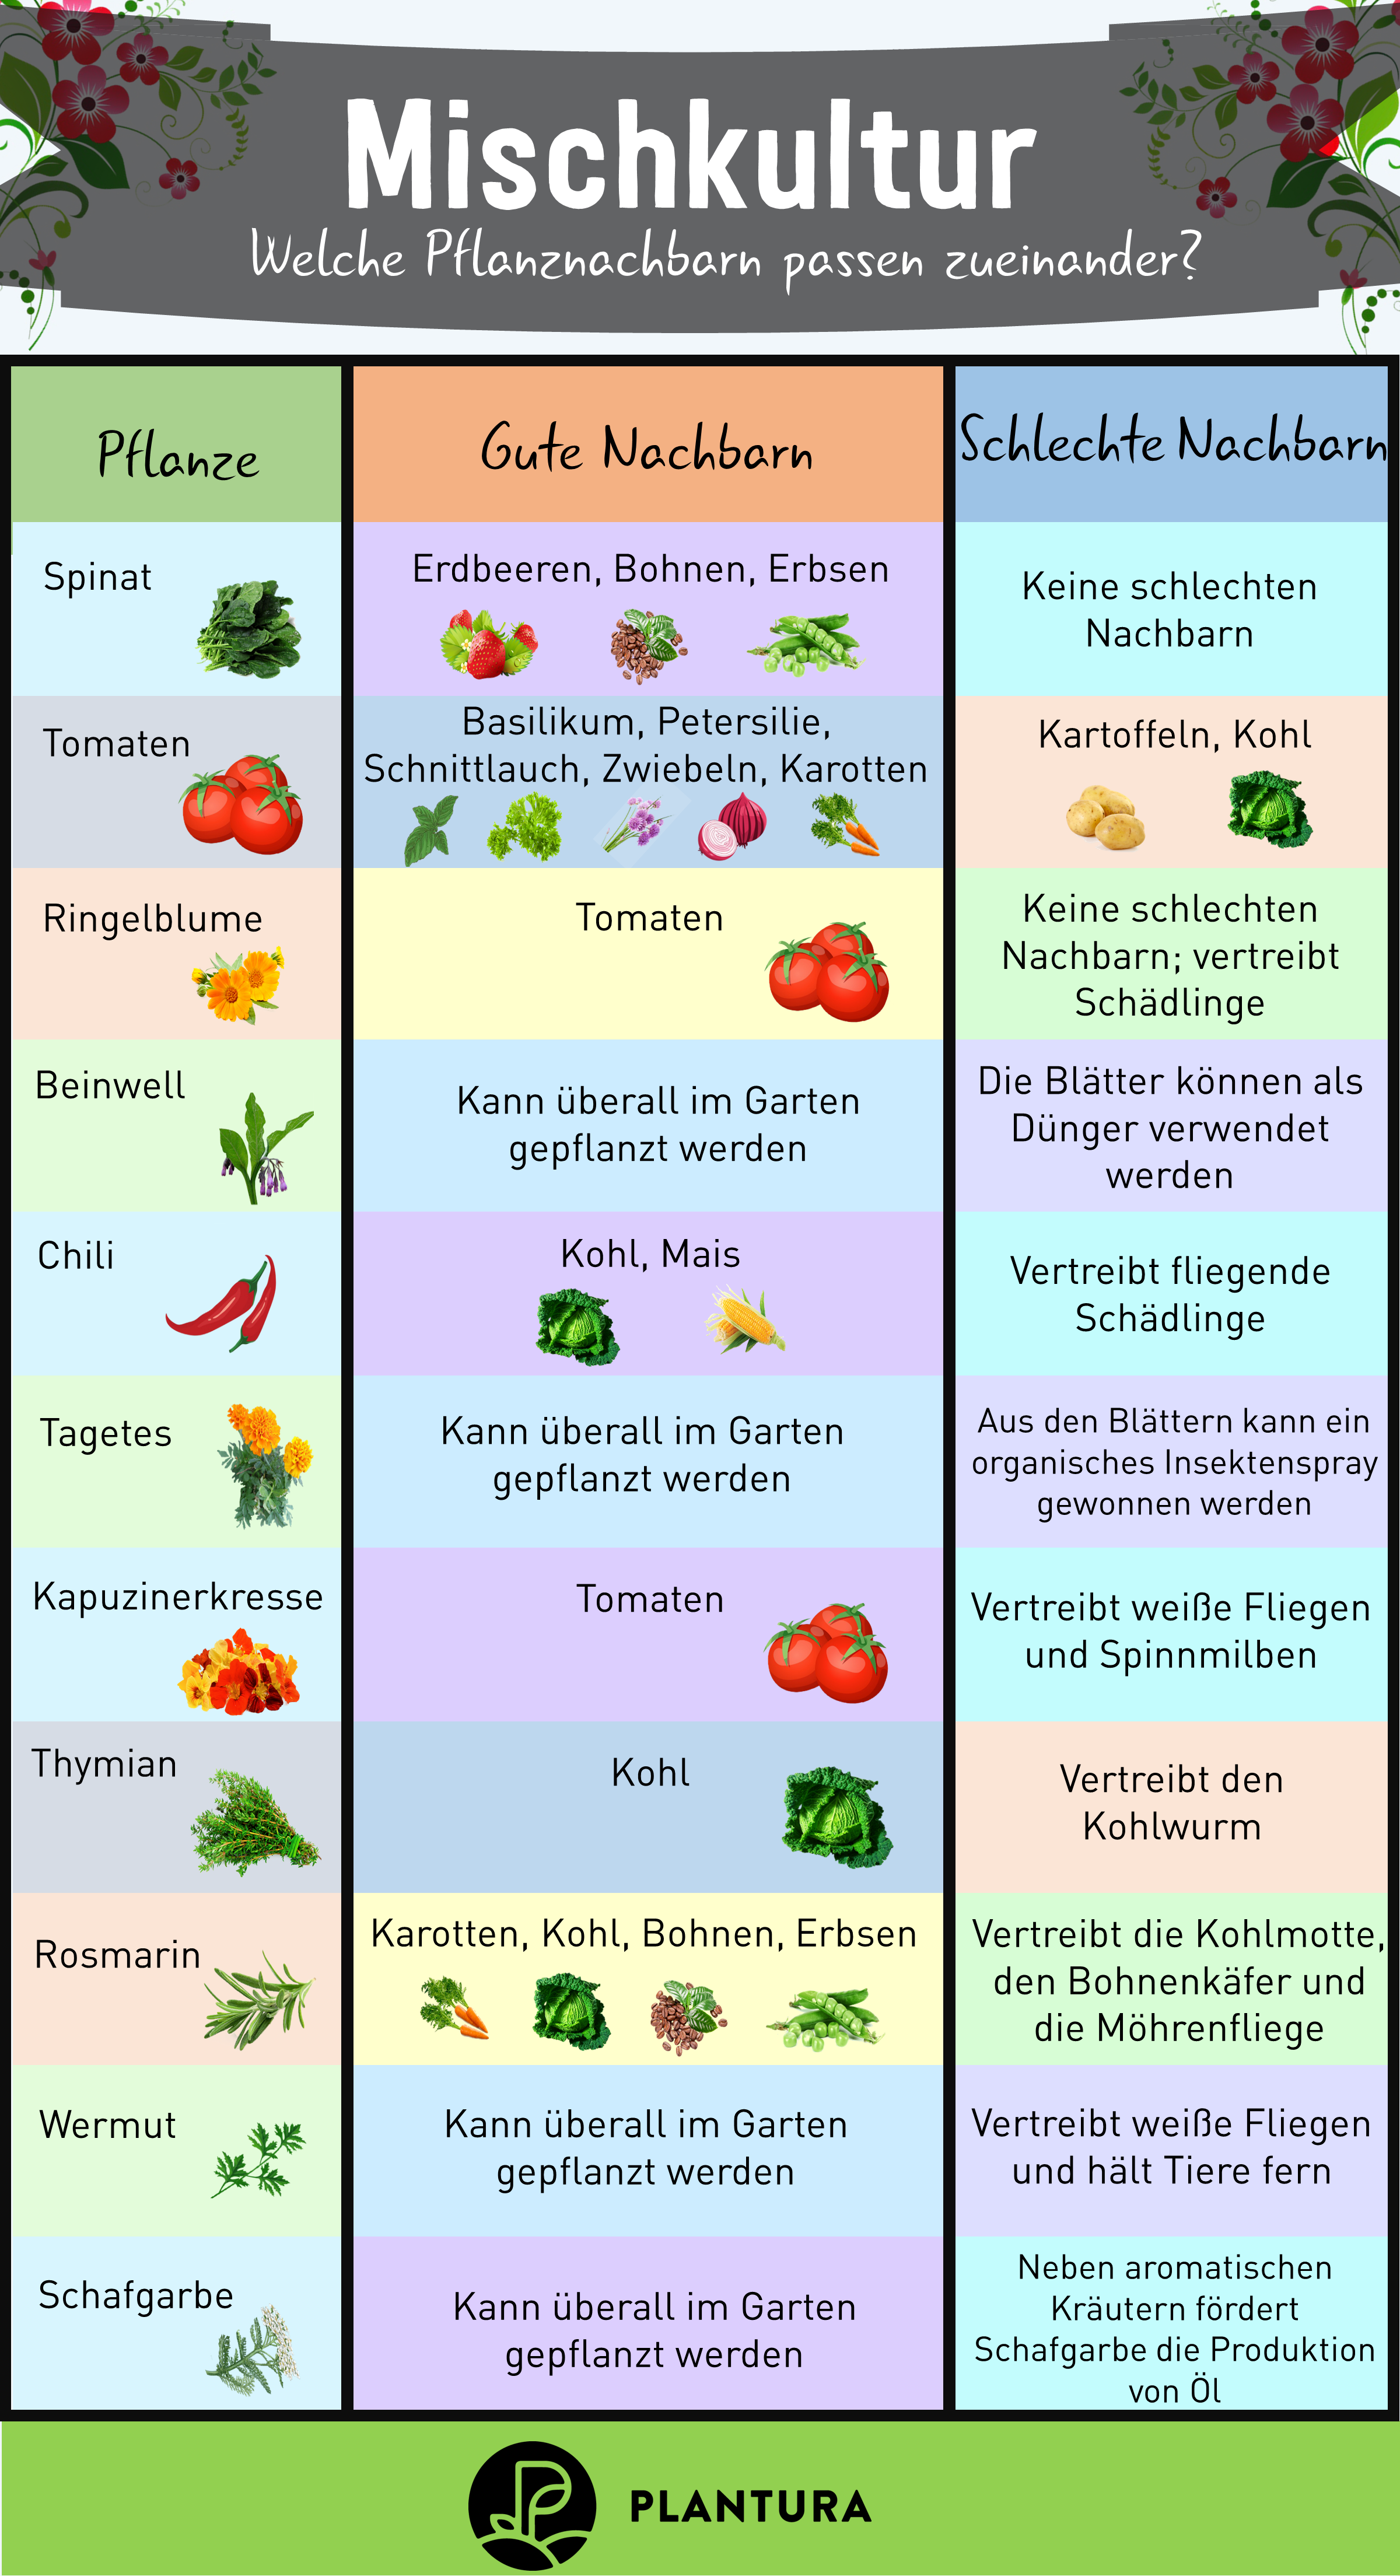 Plantura - nachhaltiges Gärtnern für alle -  Mischkultur: Welche Pflanzen passen gut zusammen? Nicht jede Pflanze versteht sich gut mit ihren Na - #alle #für #gartnern #nachhaltiges #plantura